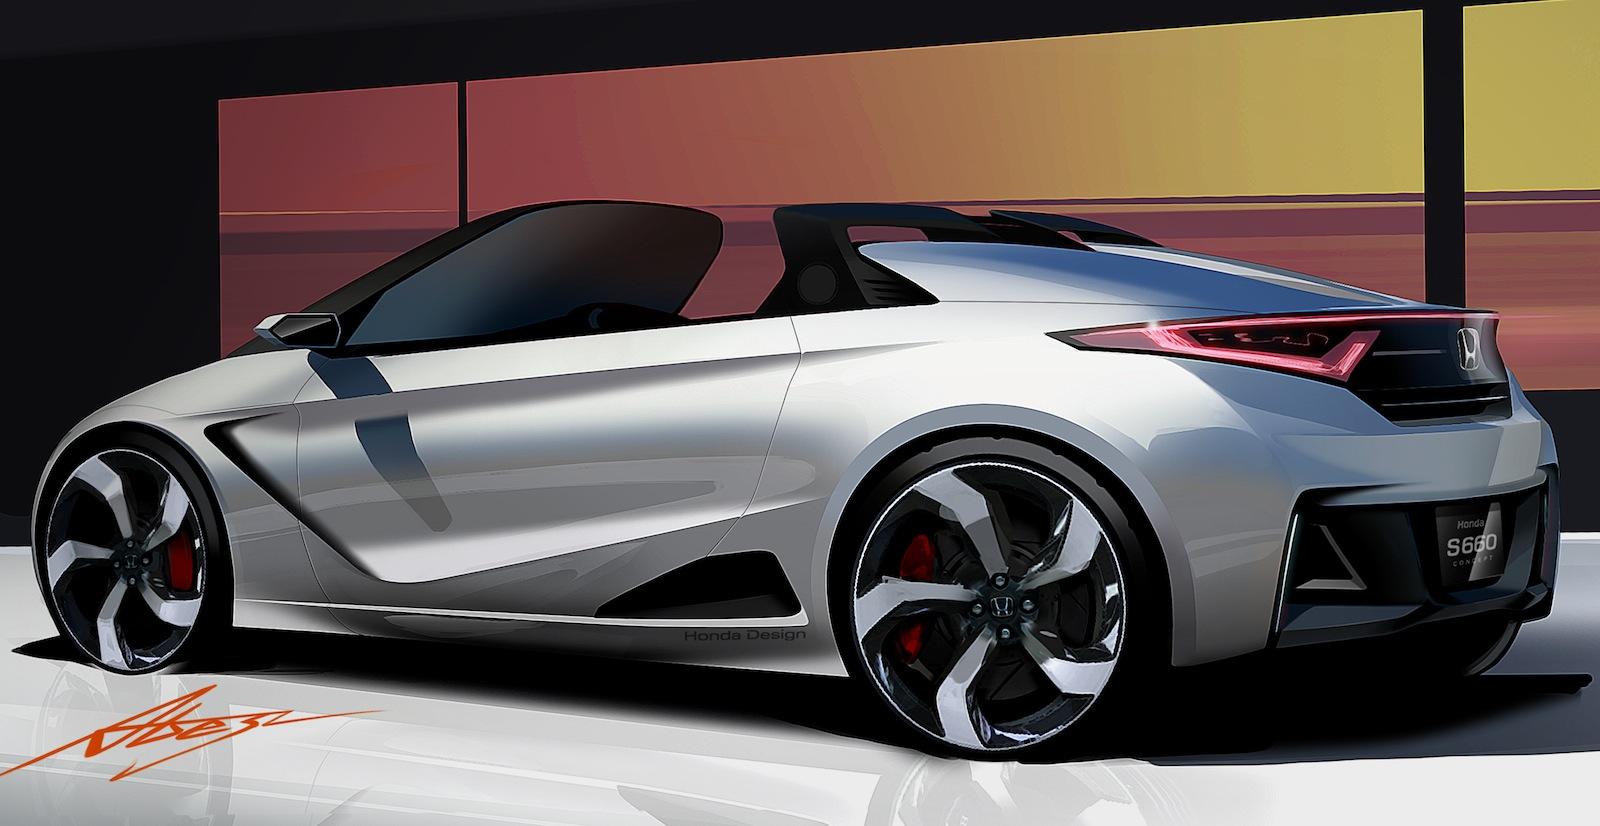 Honda S2000 Successor >> Honda S2000 successor revealed ahead of Tokyo motor show debut - photos   CarAdvice